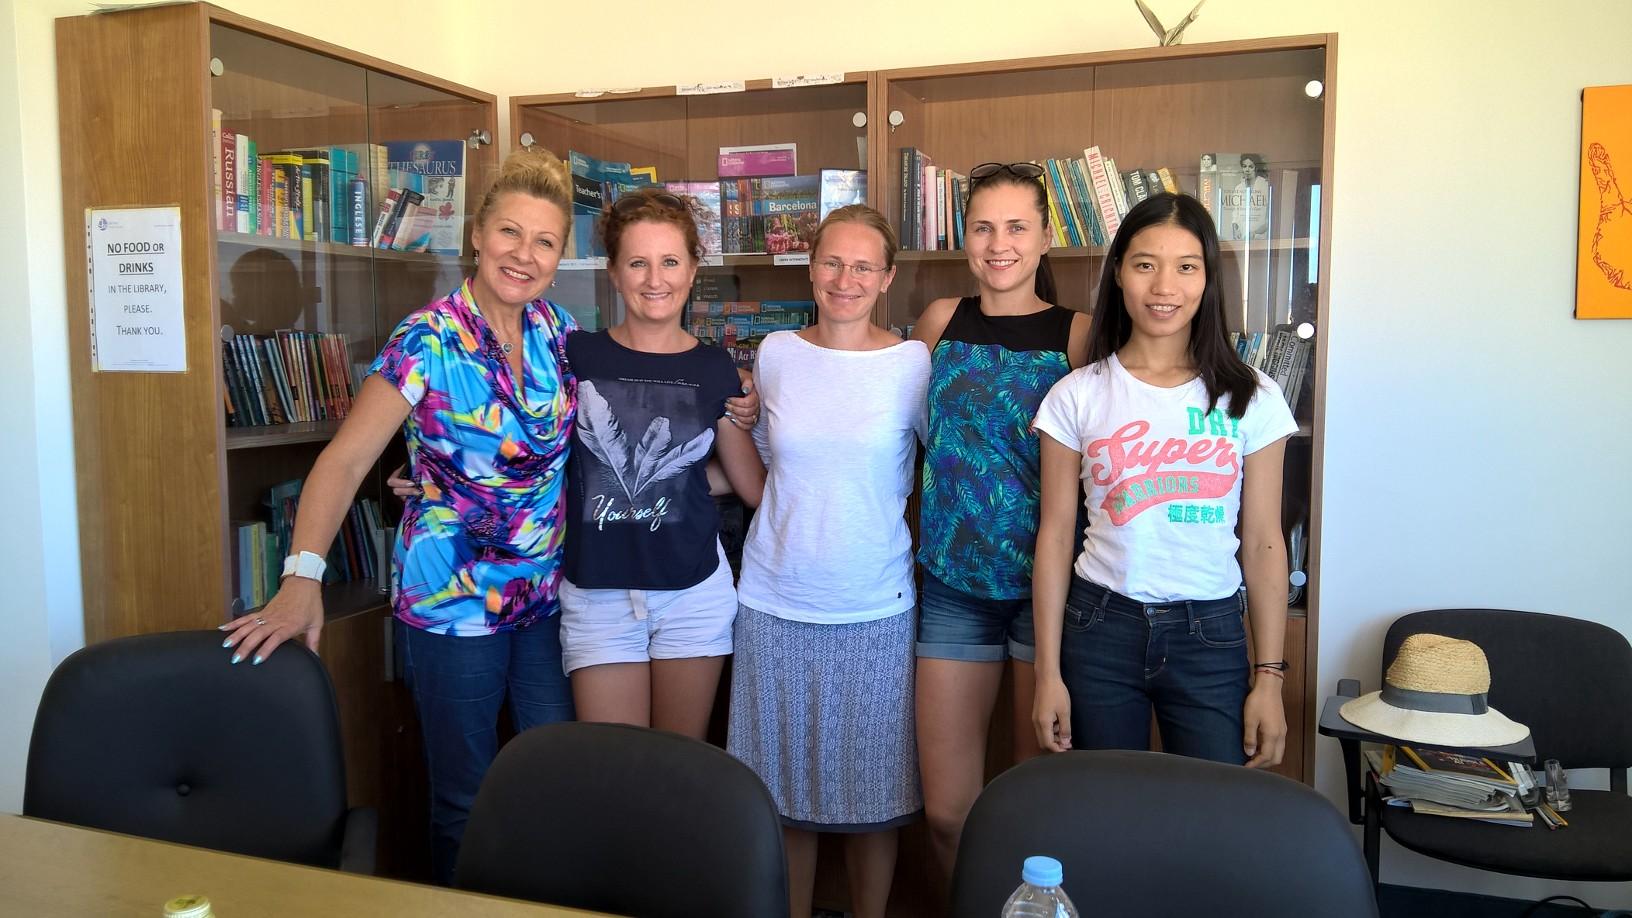 À l'école d'anglais Gateway, nous avons des étudiants du monde entier et de meilleures chances de pratiquer la langue anglaise